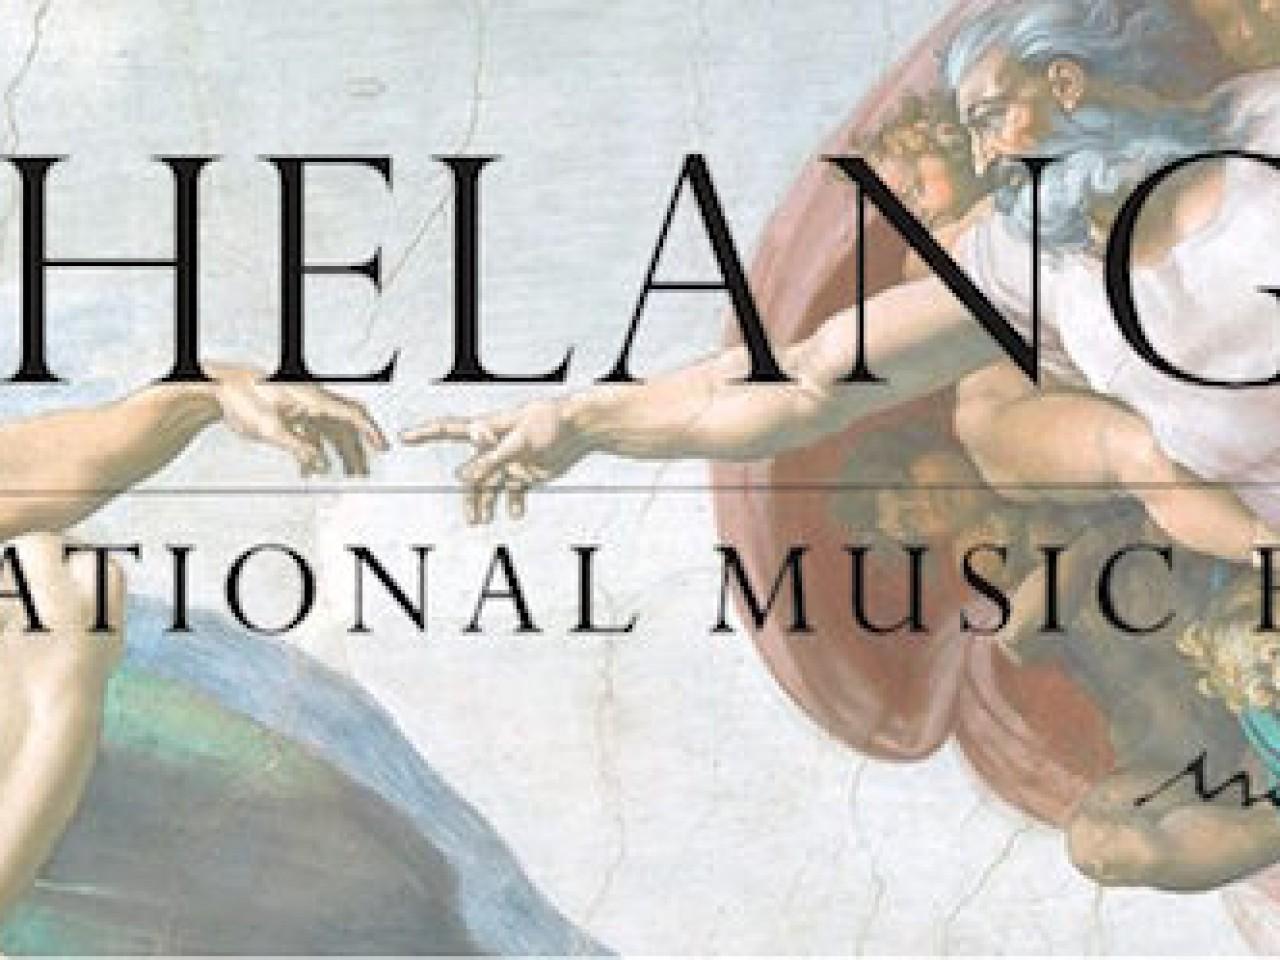 Michaelangelo International Music Festival, Florence